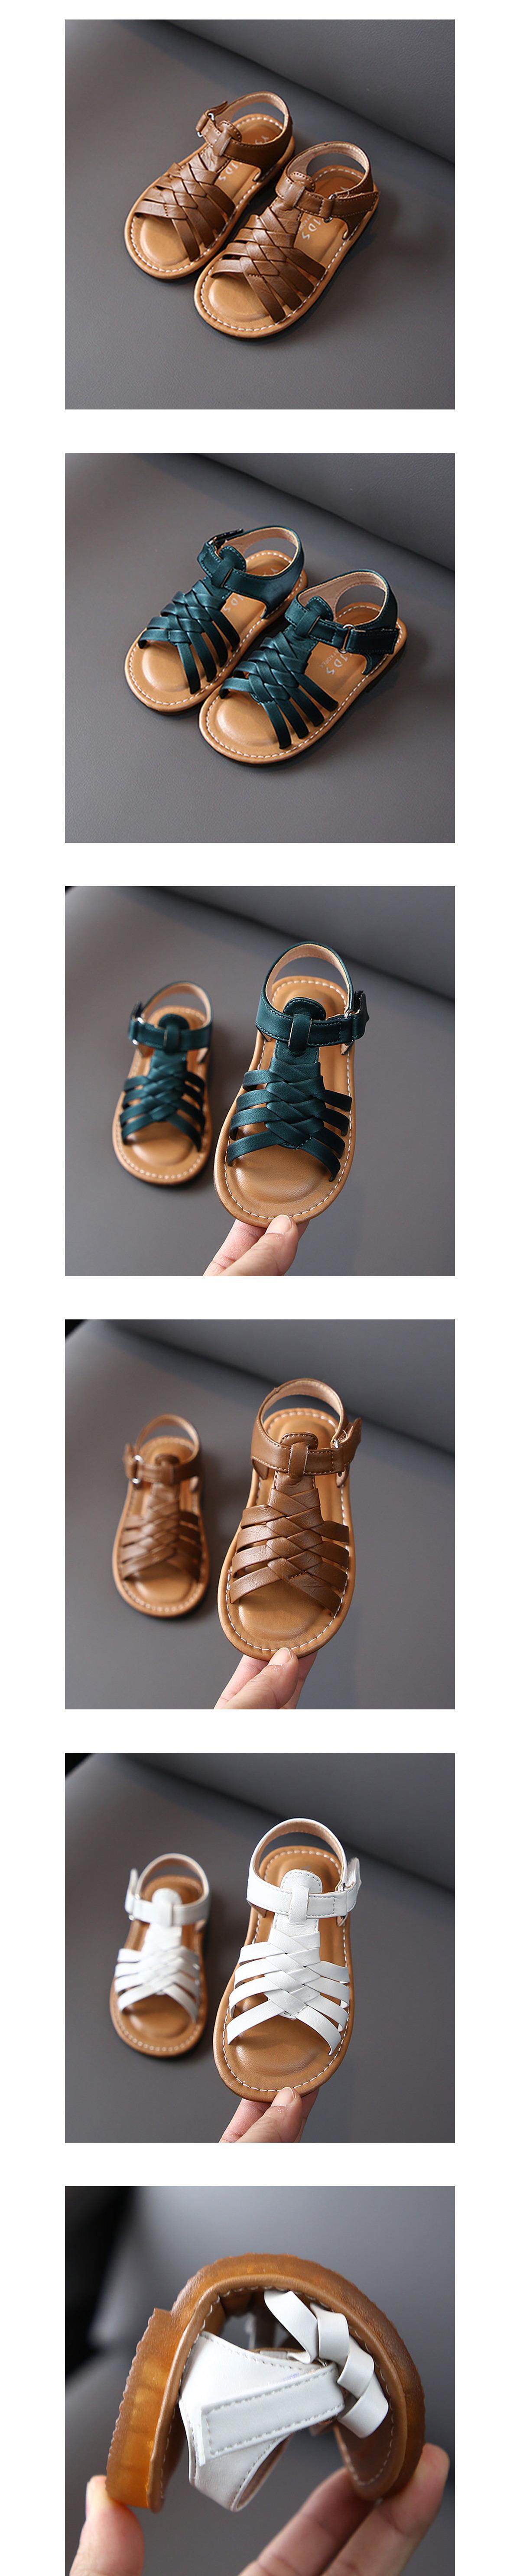 童鞋.韓版編織皮革涼鞋.童裝